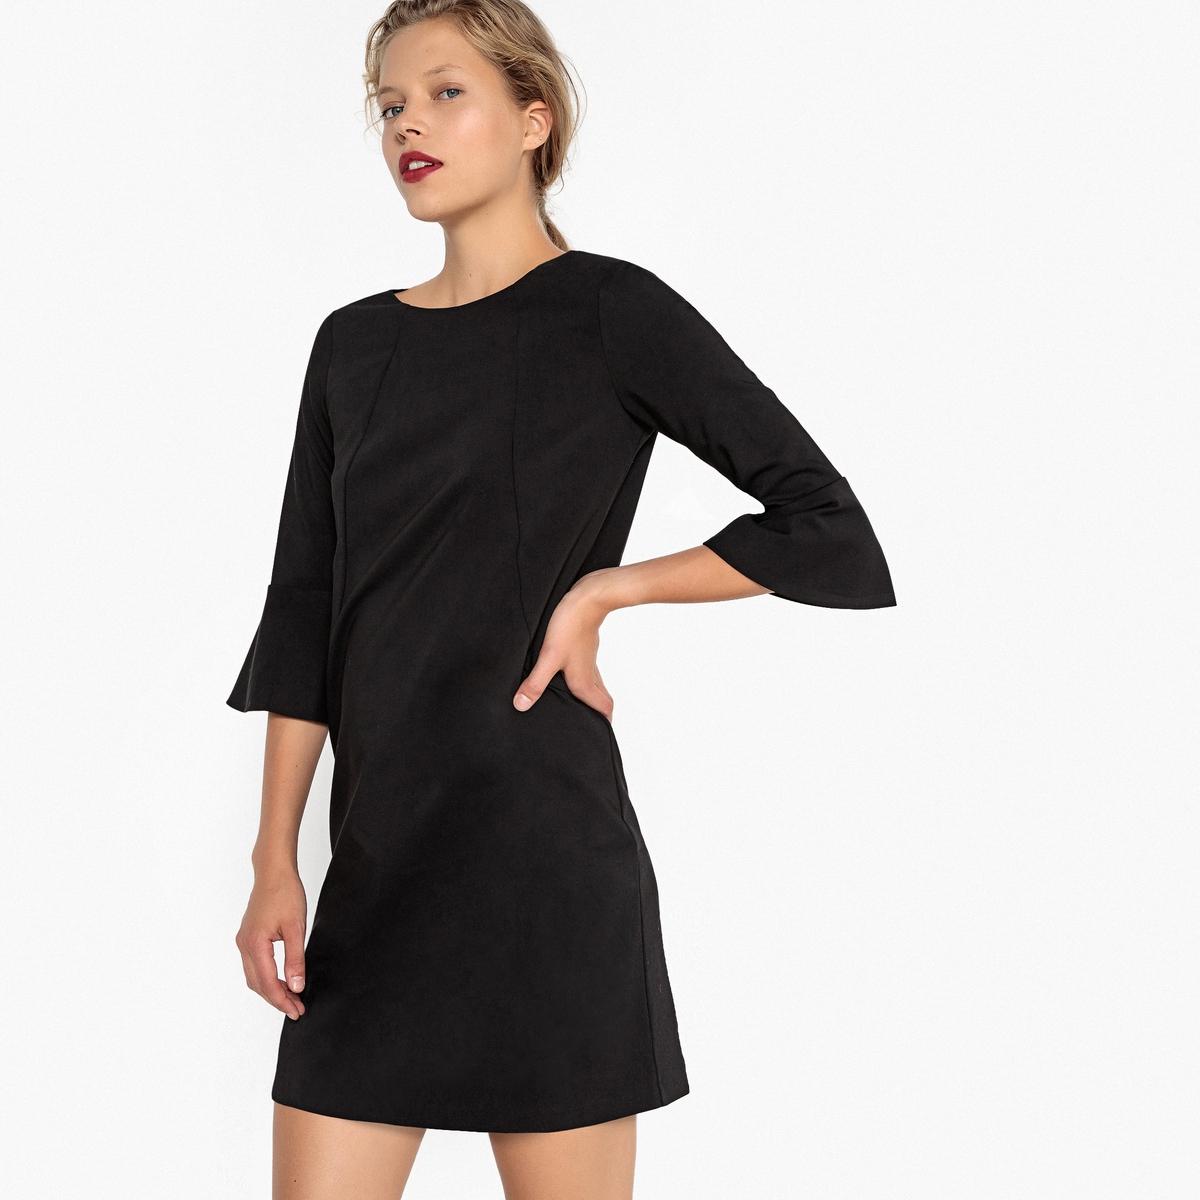 спешим прямые платья средней длины фото также нескольких